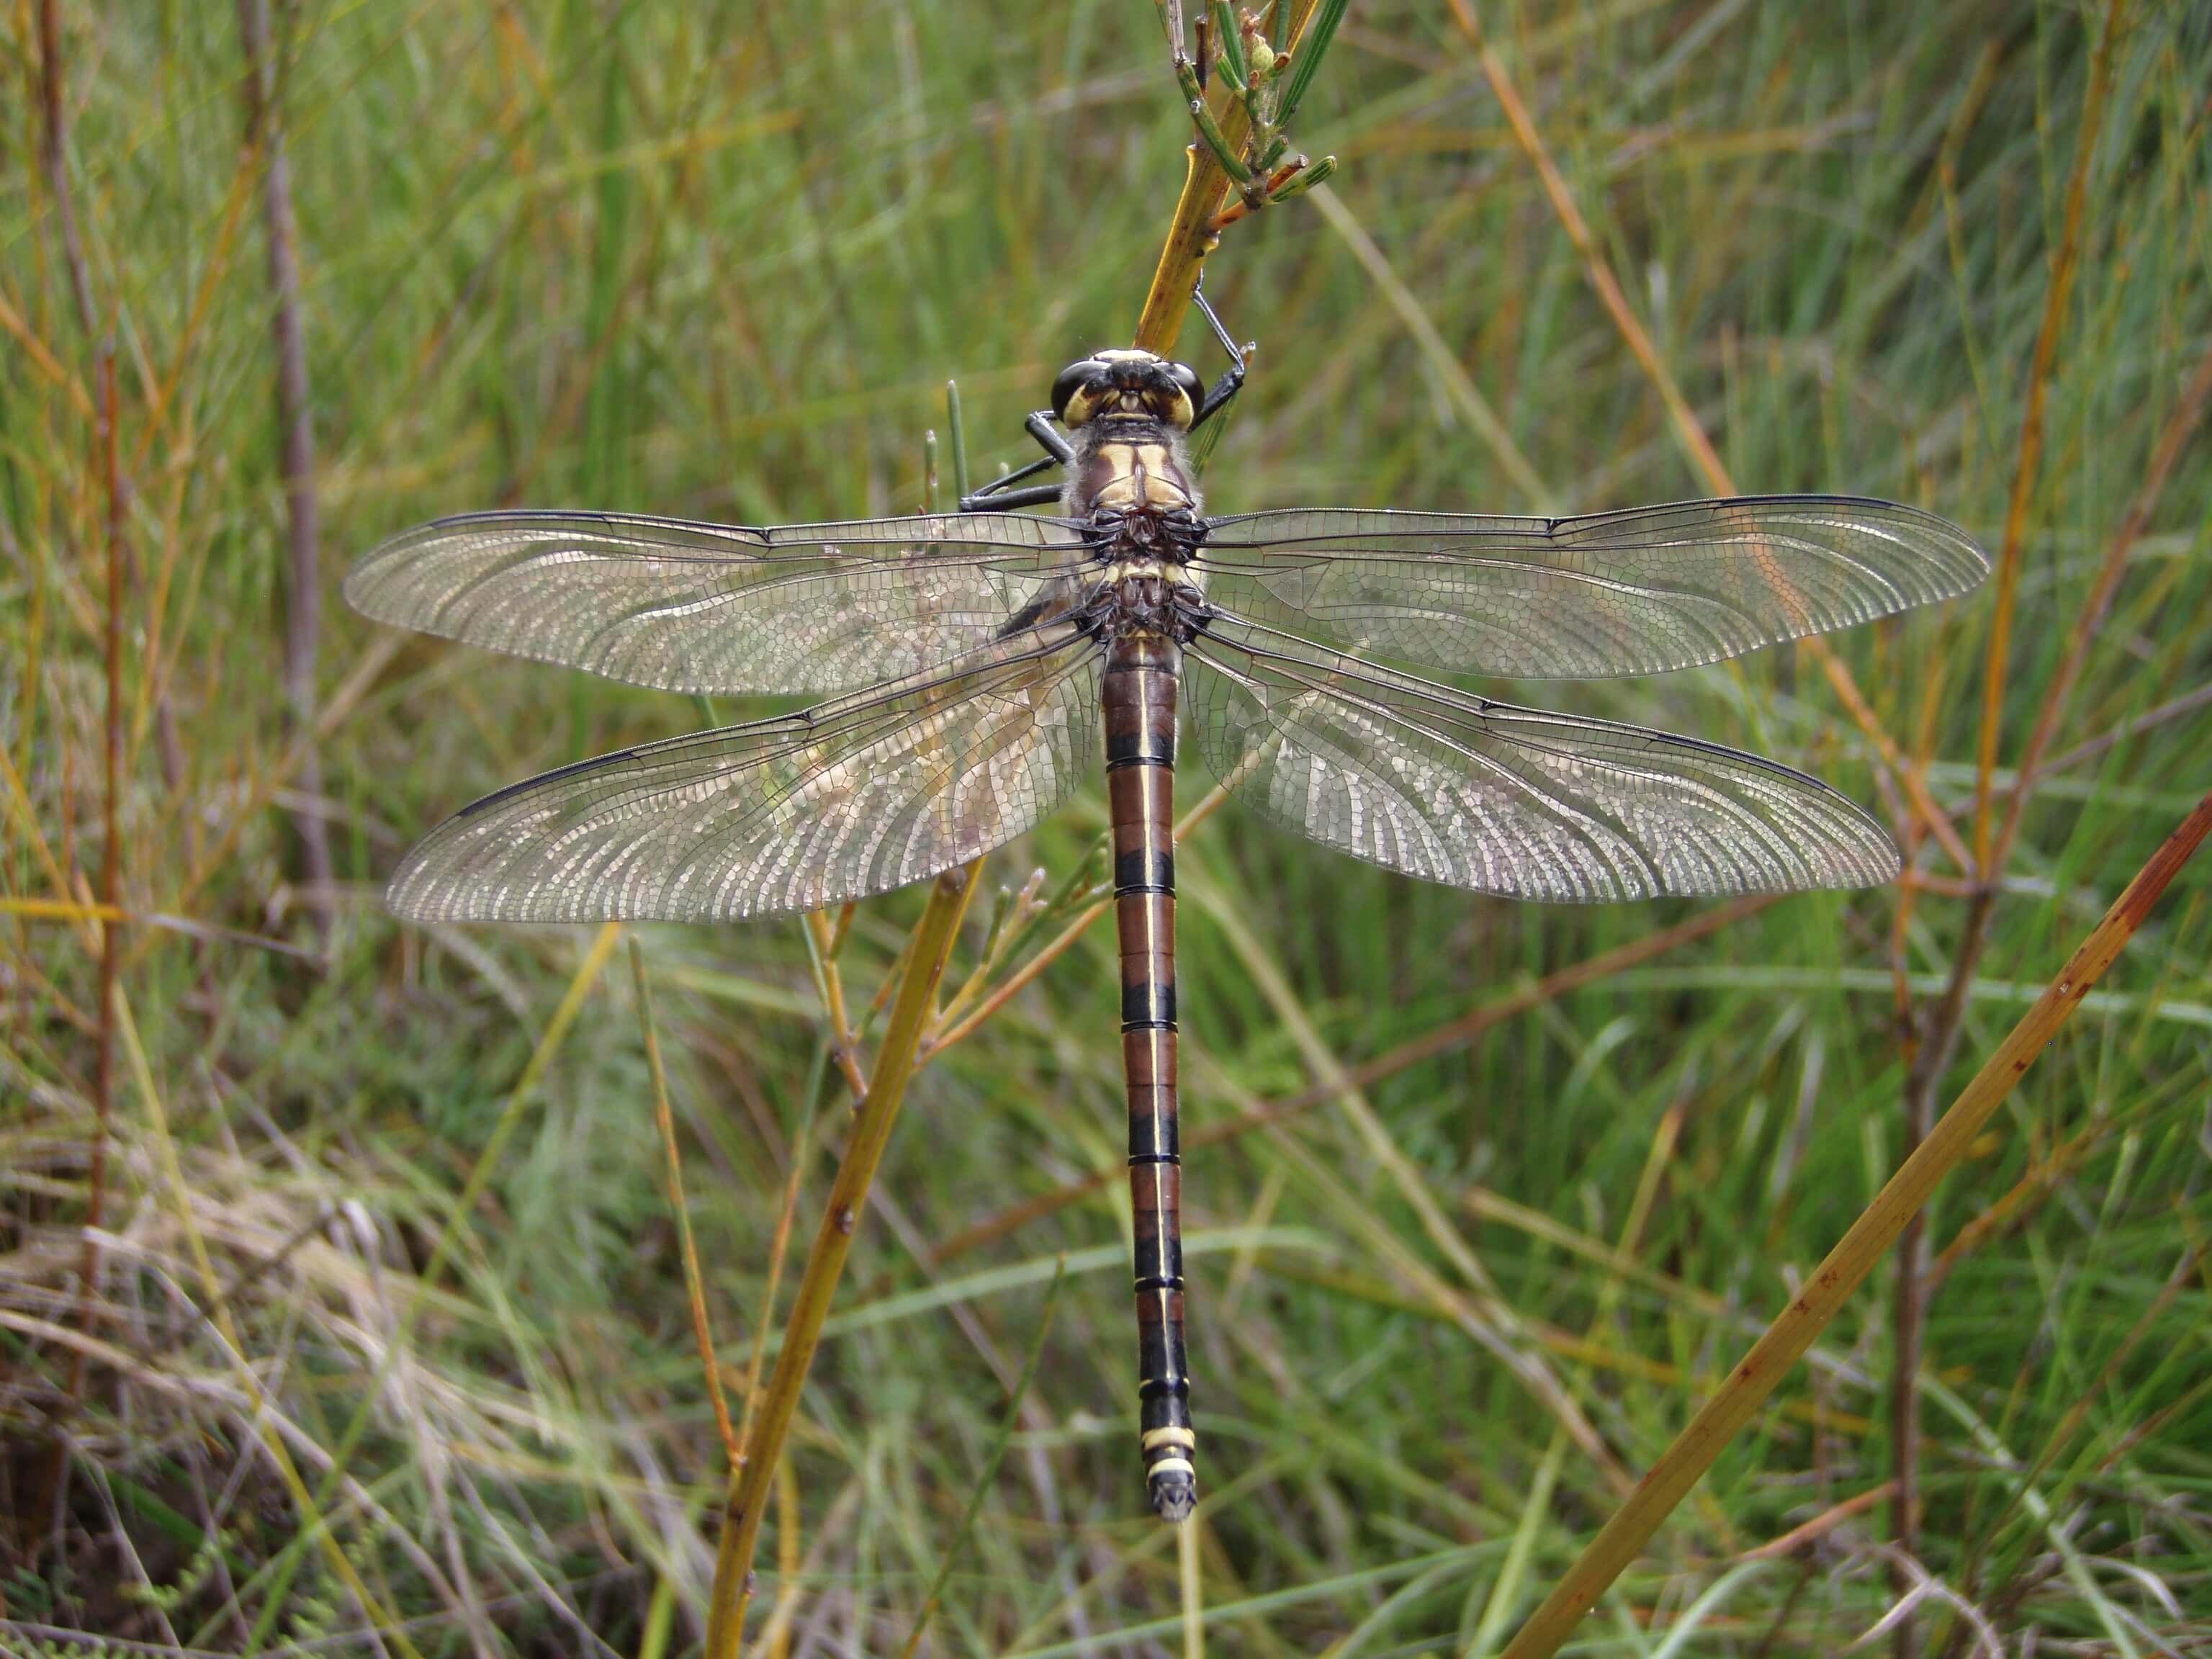 Female Petalura gigantea